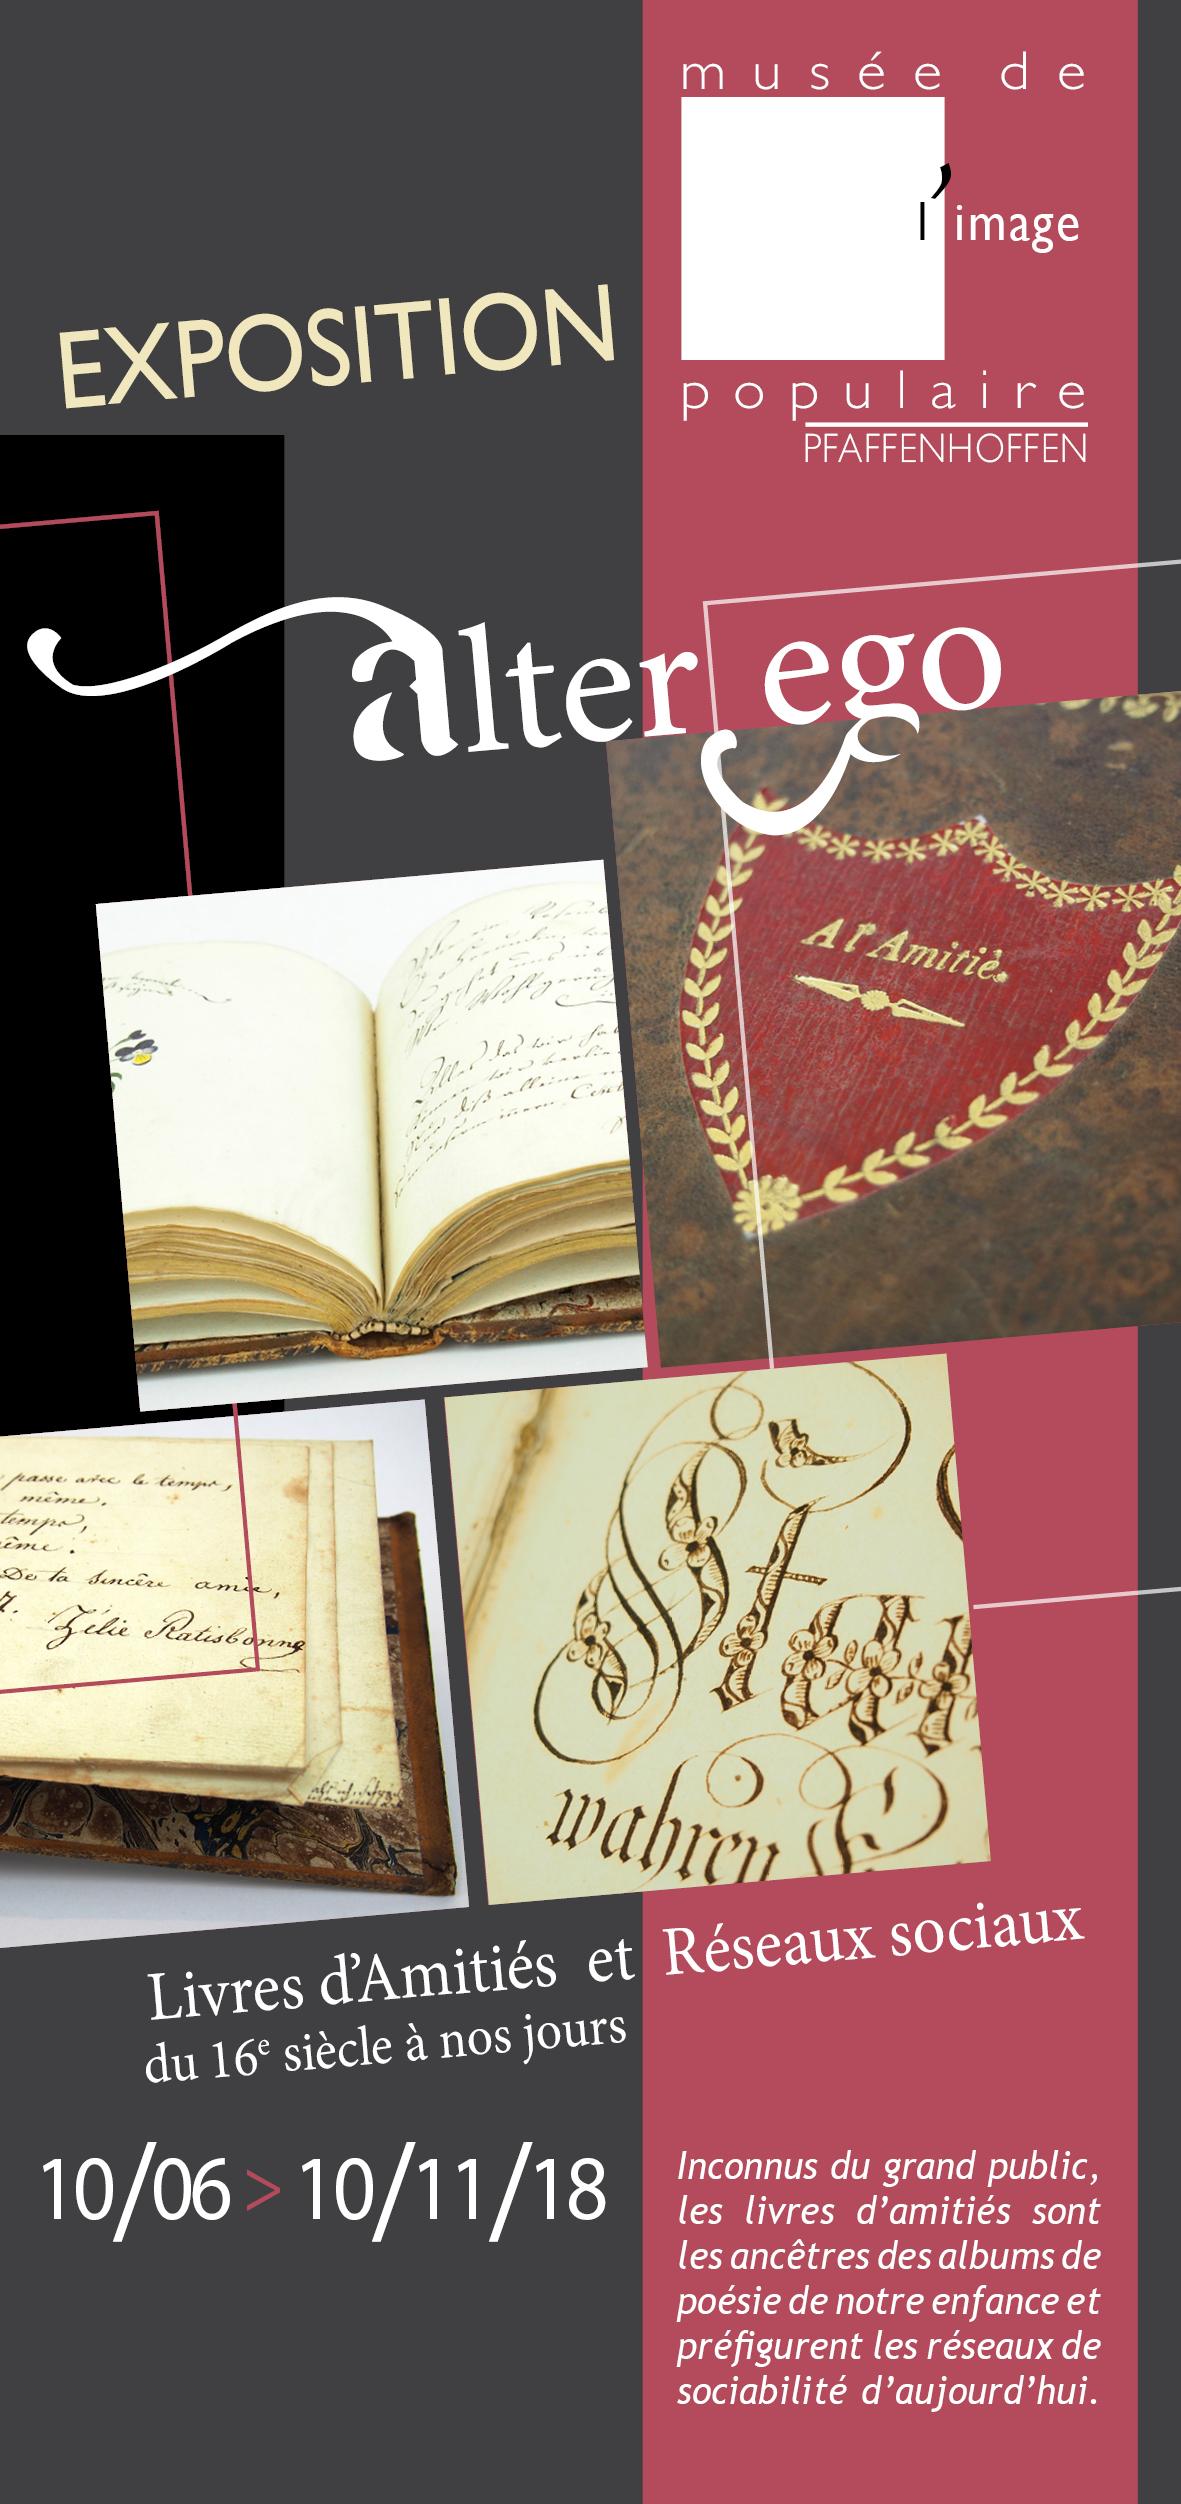 Exposition «Alter Ego : Livres d'Amitiés et Réseaux sociaux, du 16e siècle à nos jours»